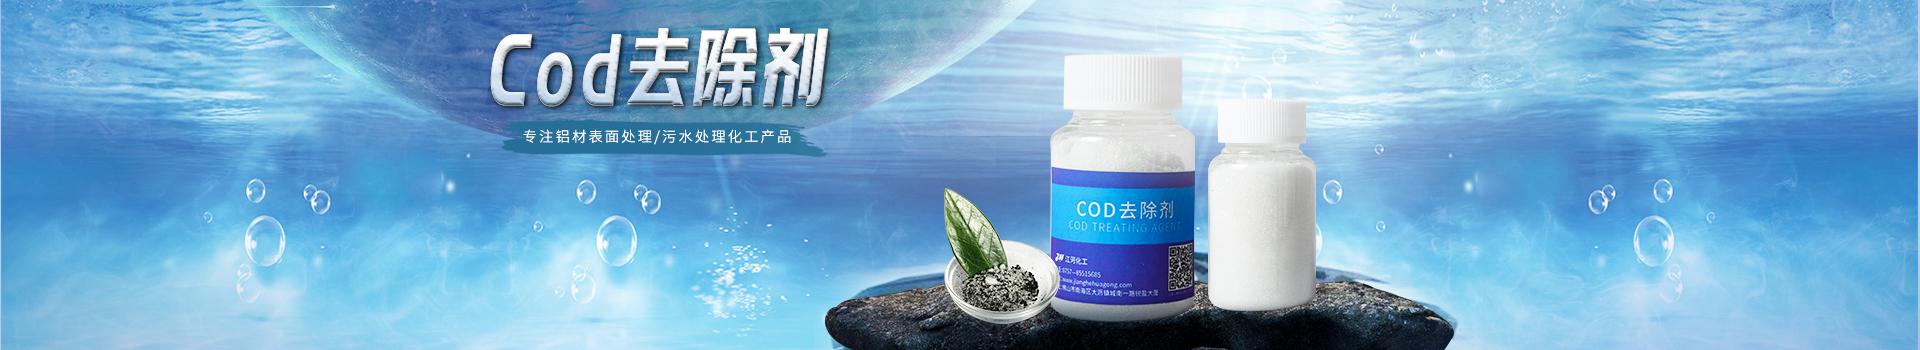 cod产品